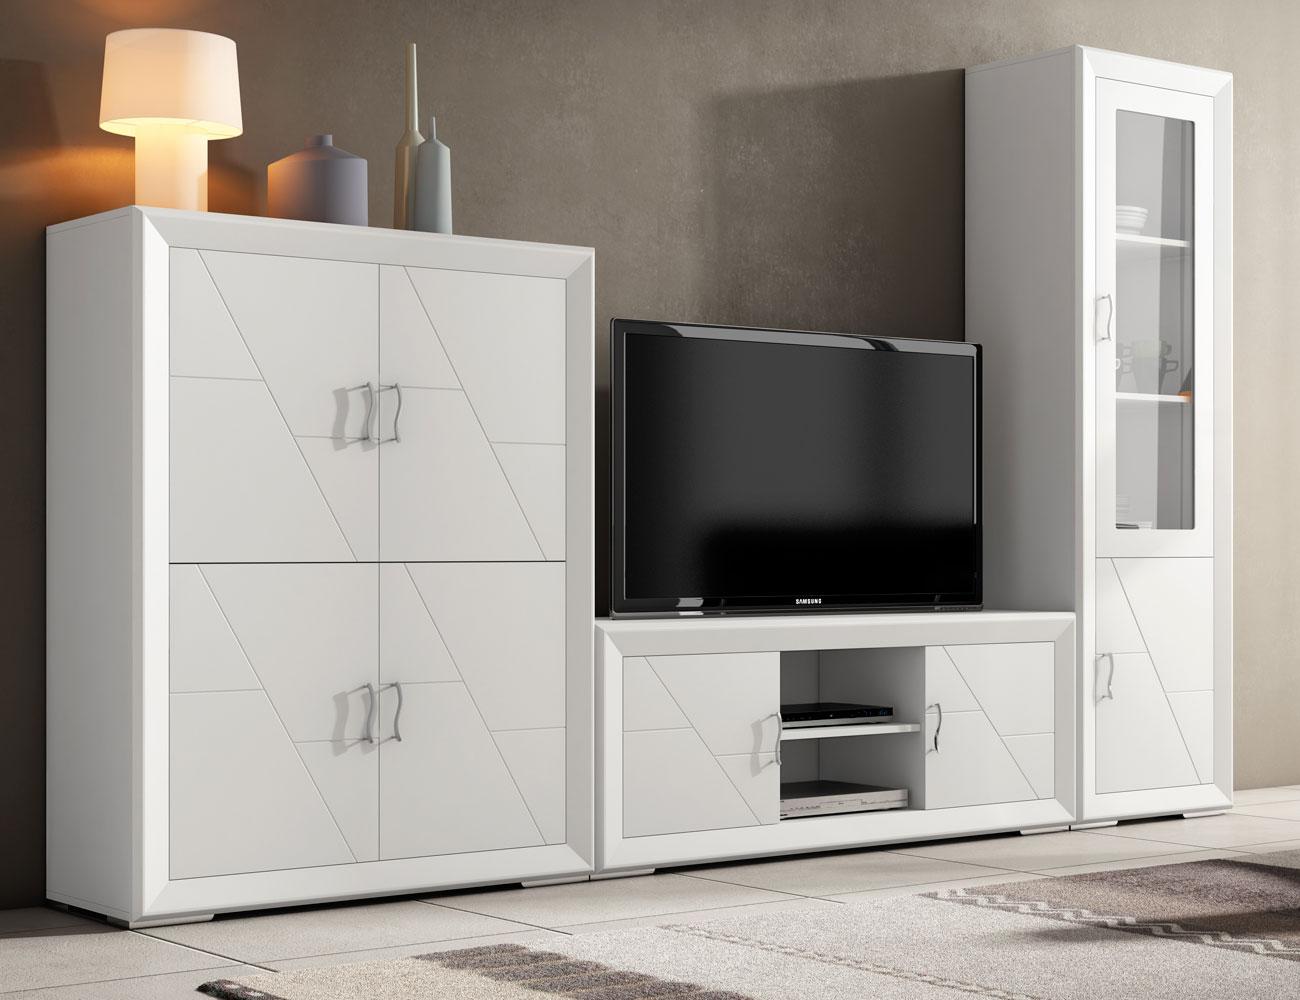 Muebles de gran calidad en madera con vitrina y librero en for Mueble salon lacado blanco